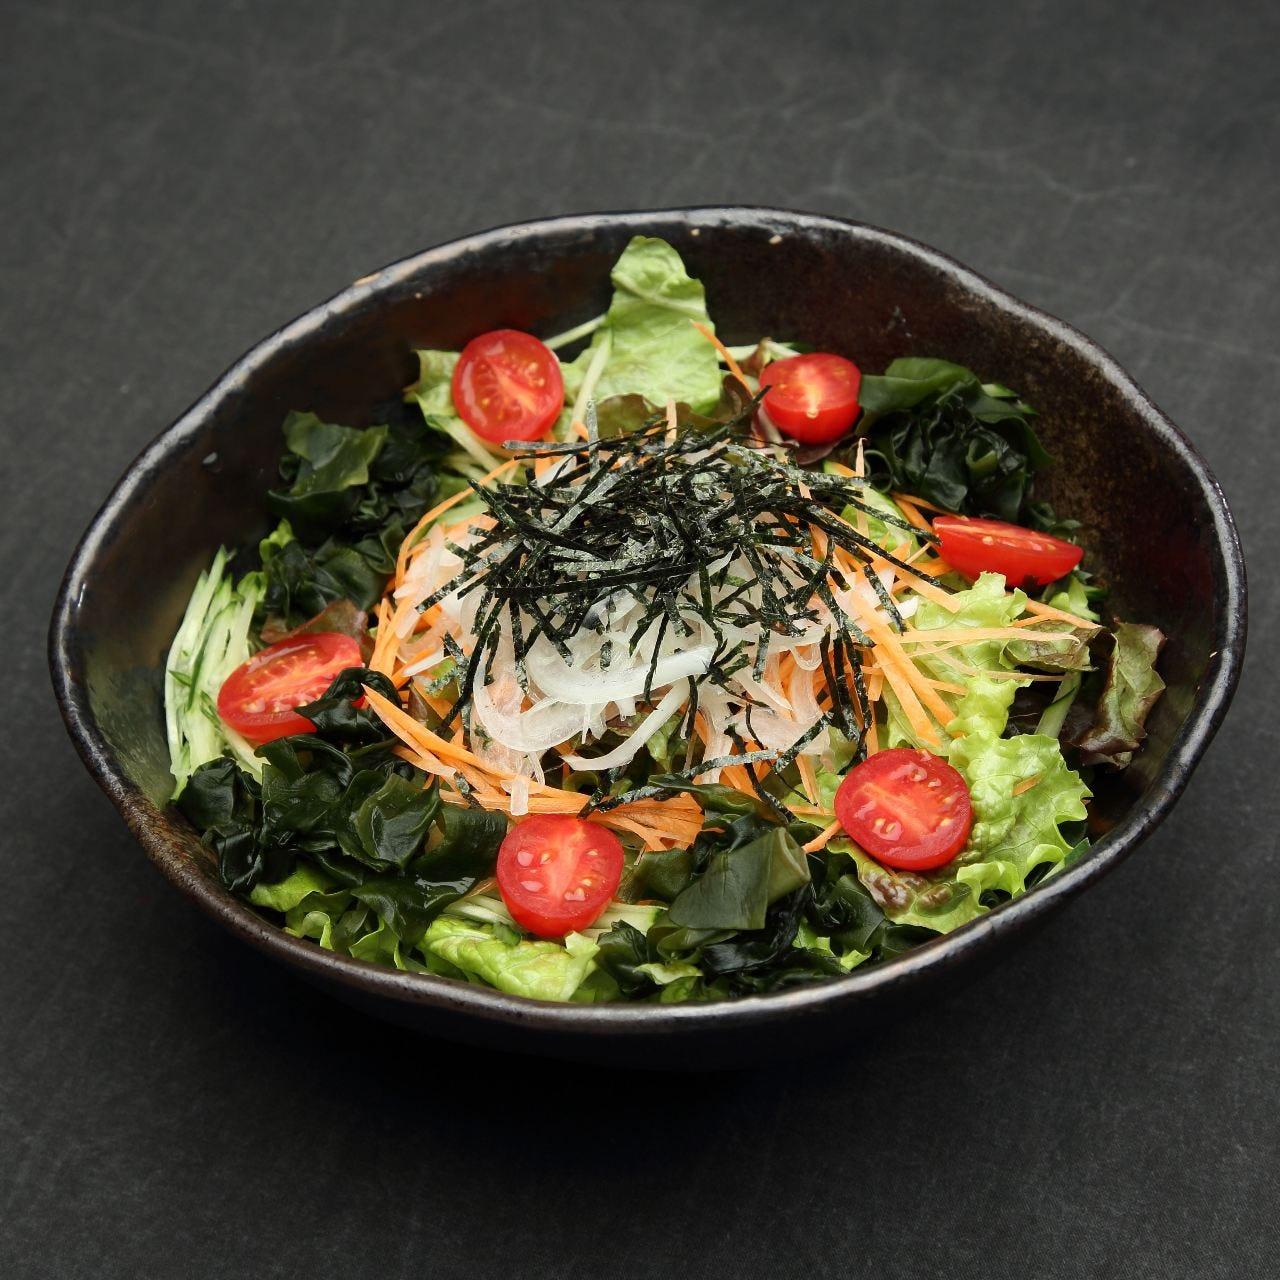 <新鮮>こだわりの調味料と野菜